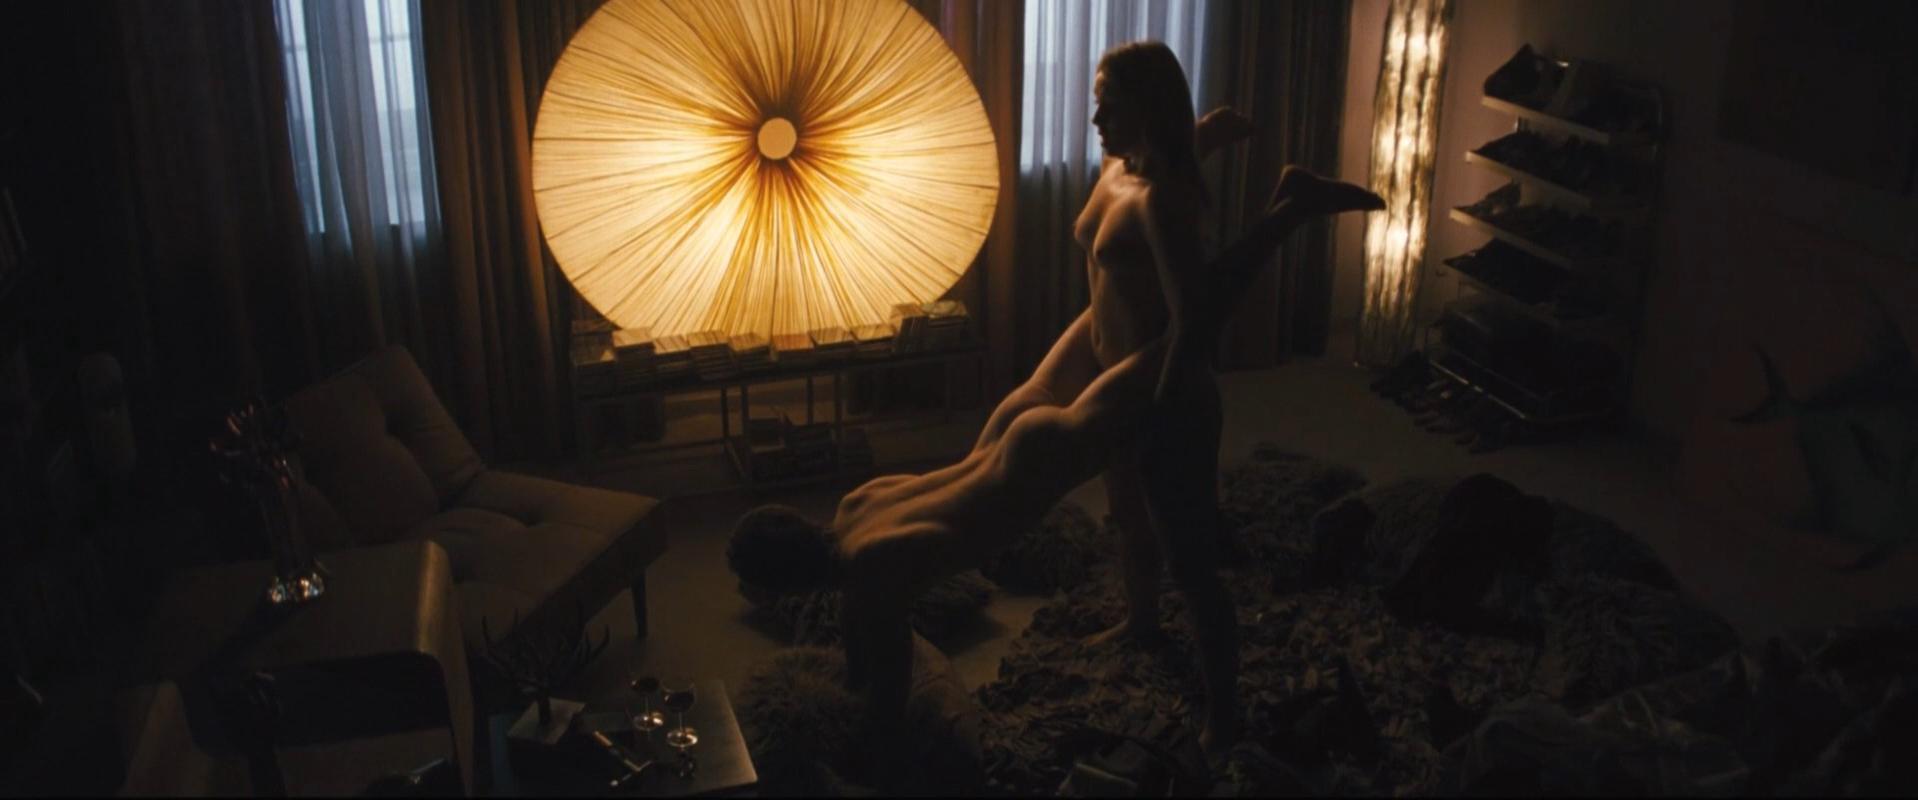 Jil Funke nude, Bonita Friedericy nude, Noelle Trudeau nude, Rebecca Olejniczak nude - Unfinished Business (2015)